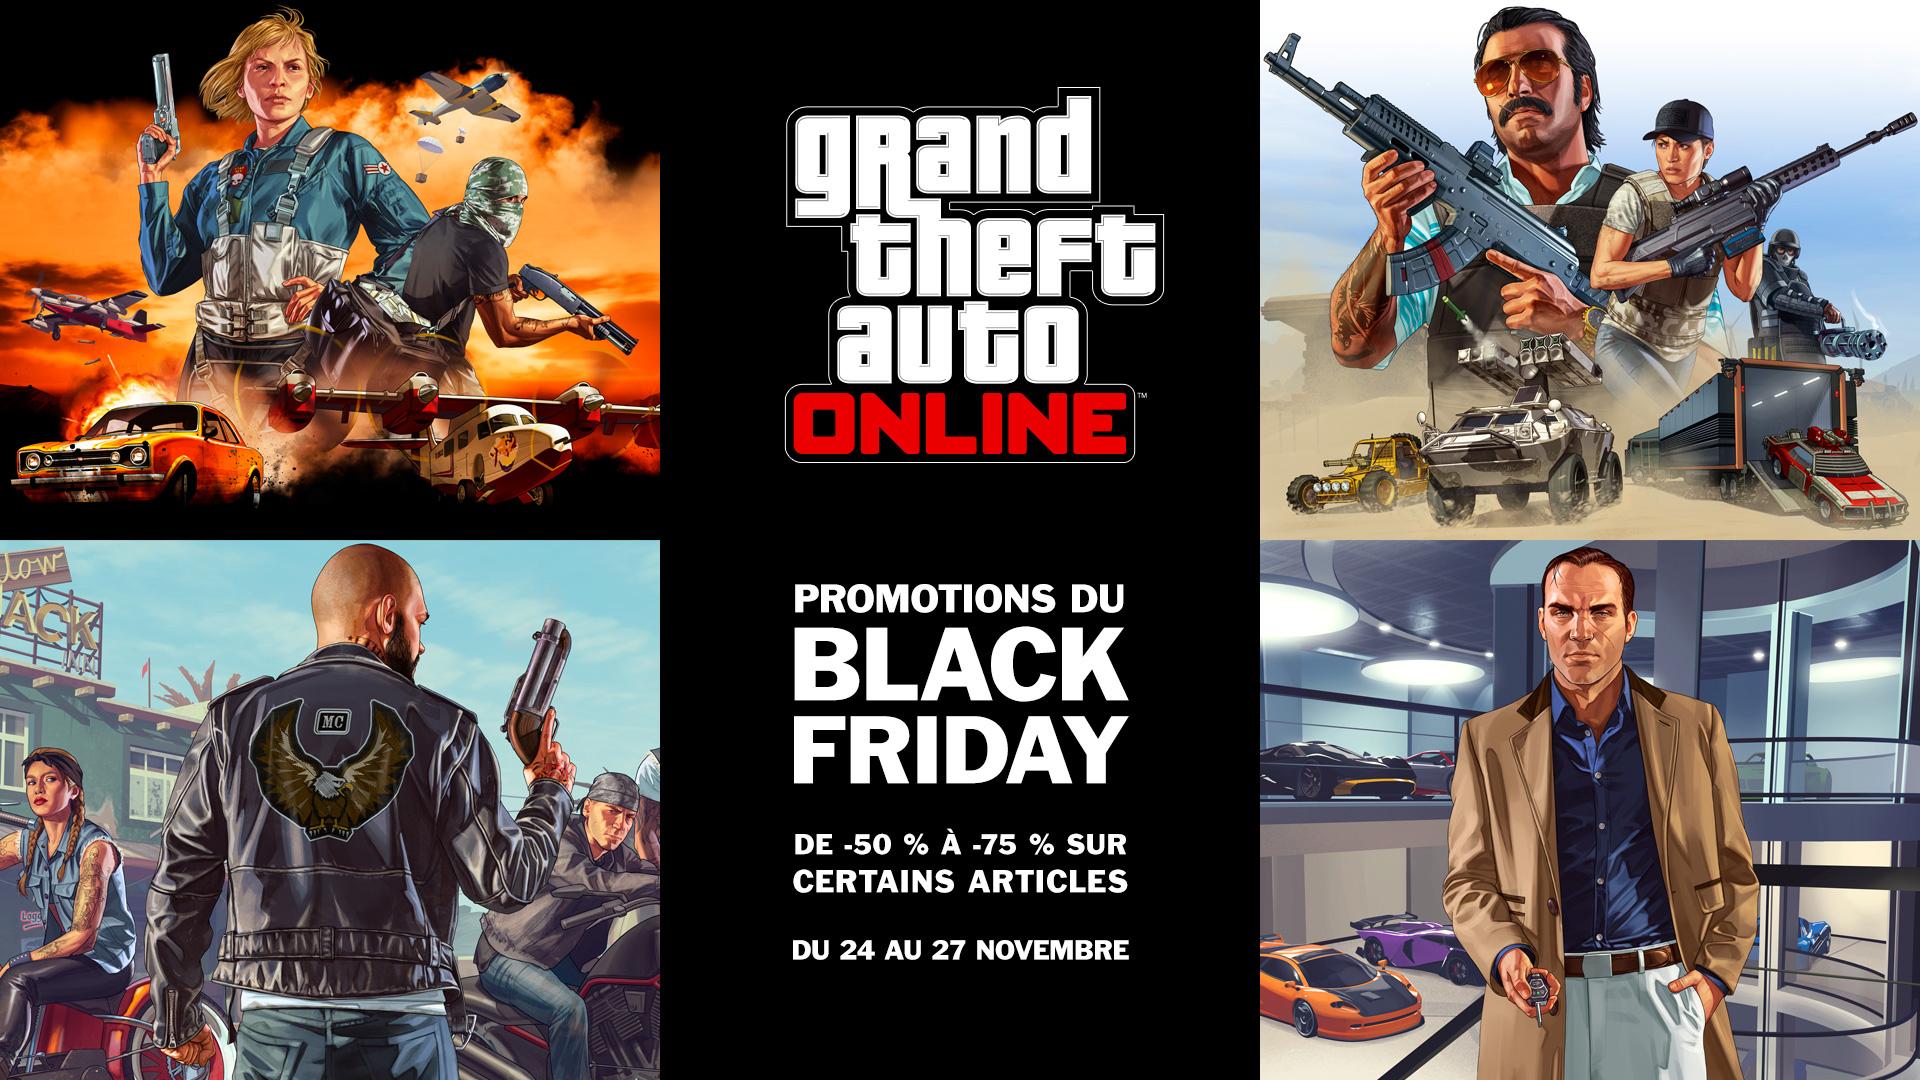 GTA Online Black Friday 2017